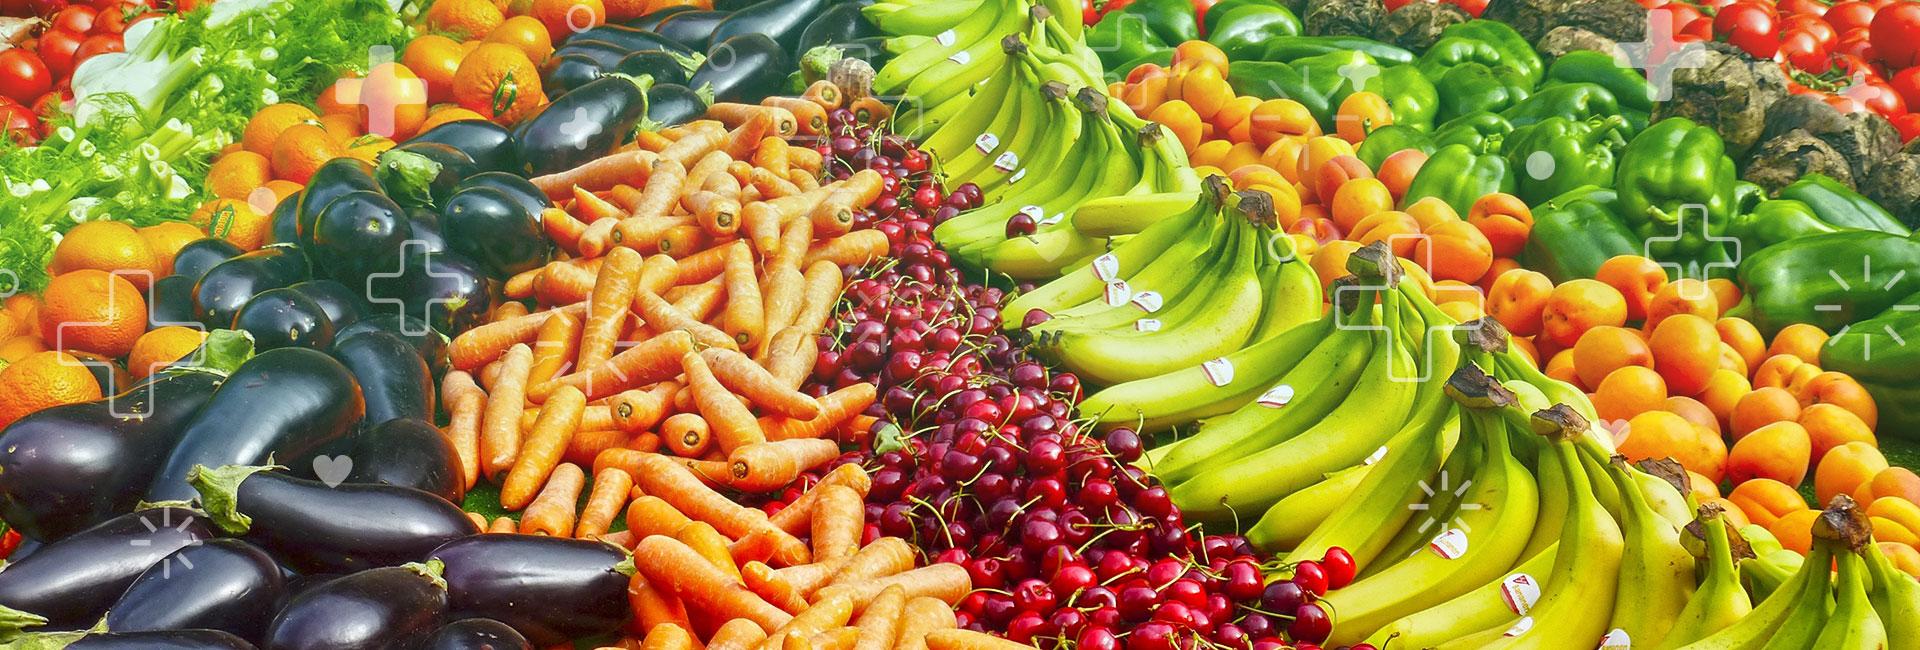 frutas y verduras fuentes de vitaminas que son antioxidantes que requiere el cuerpo